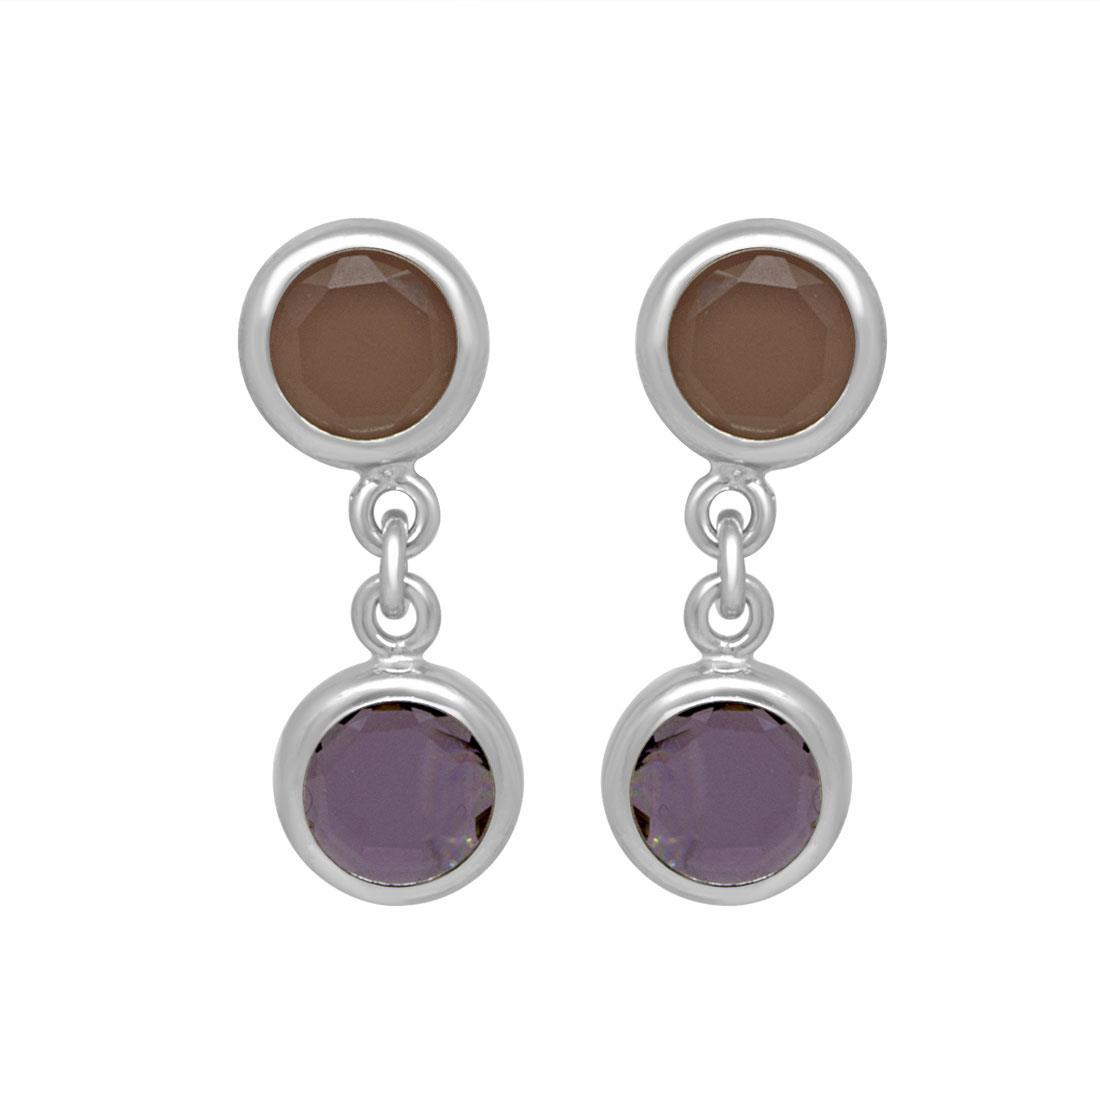 Orecchini in argento con pietre colorate - ZOCCAI